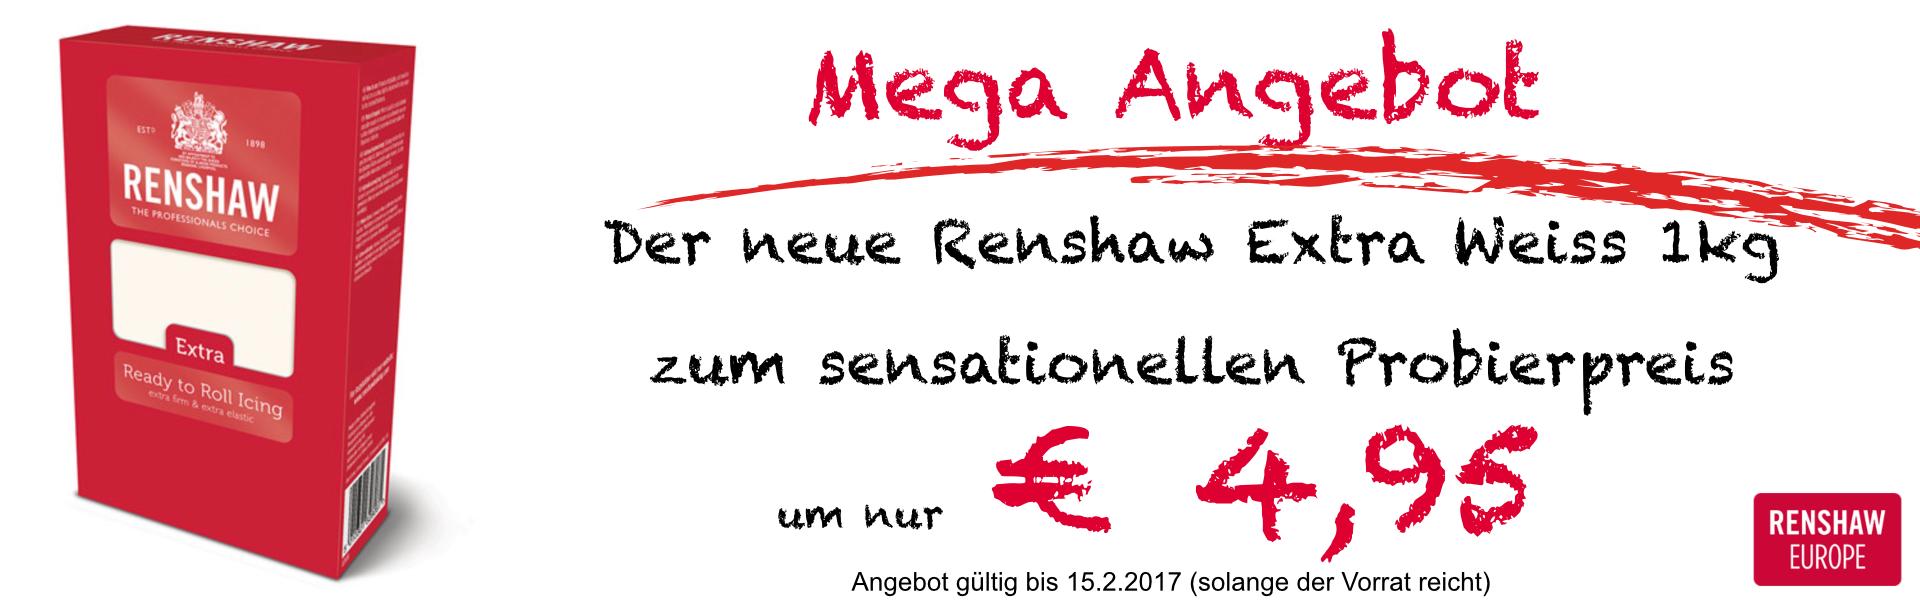 Renshawpromo